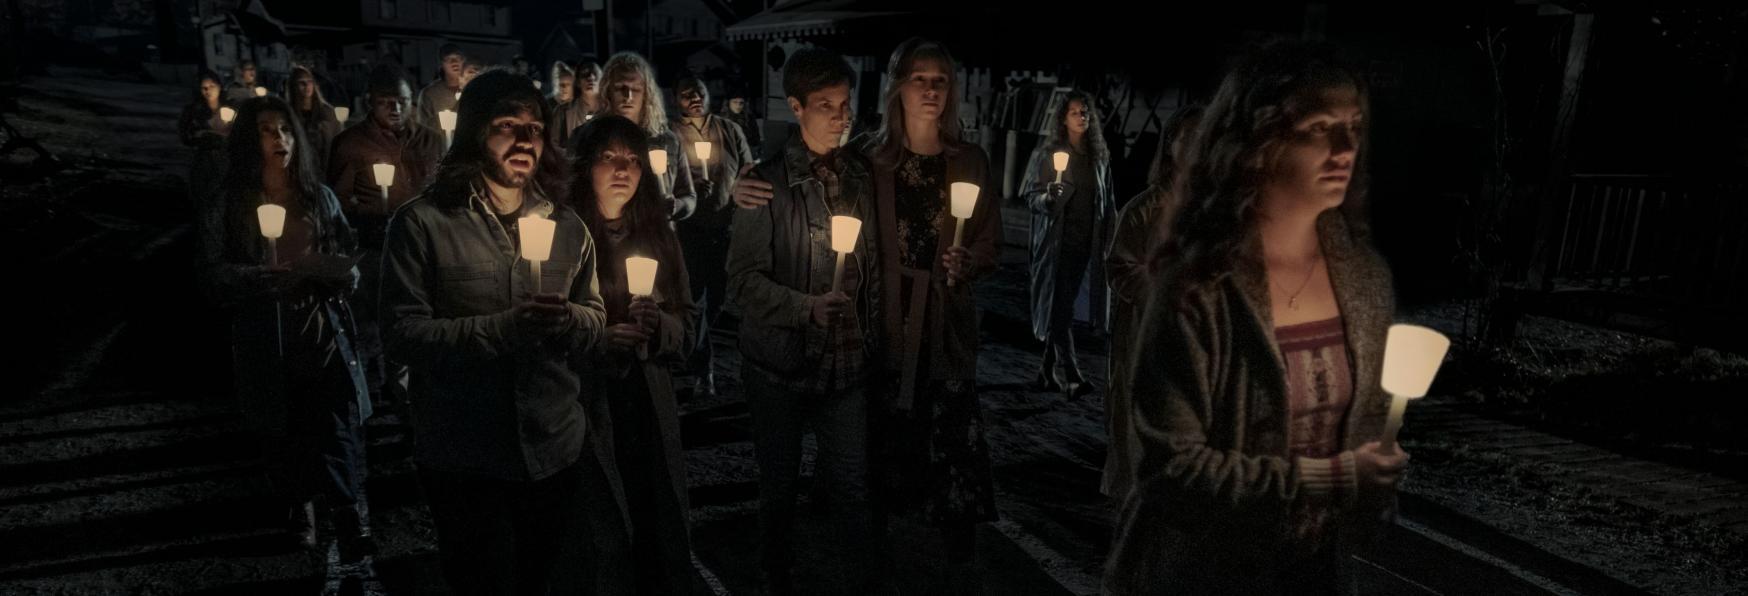 Midnight Mass: il Trailer e la Data di Uscita della nuova Serie TV Netflix dal Creatore di Hill House